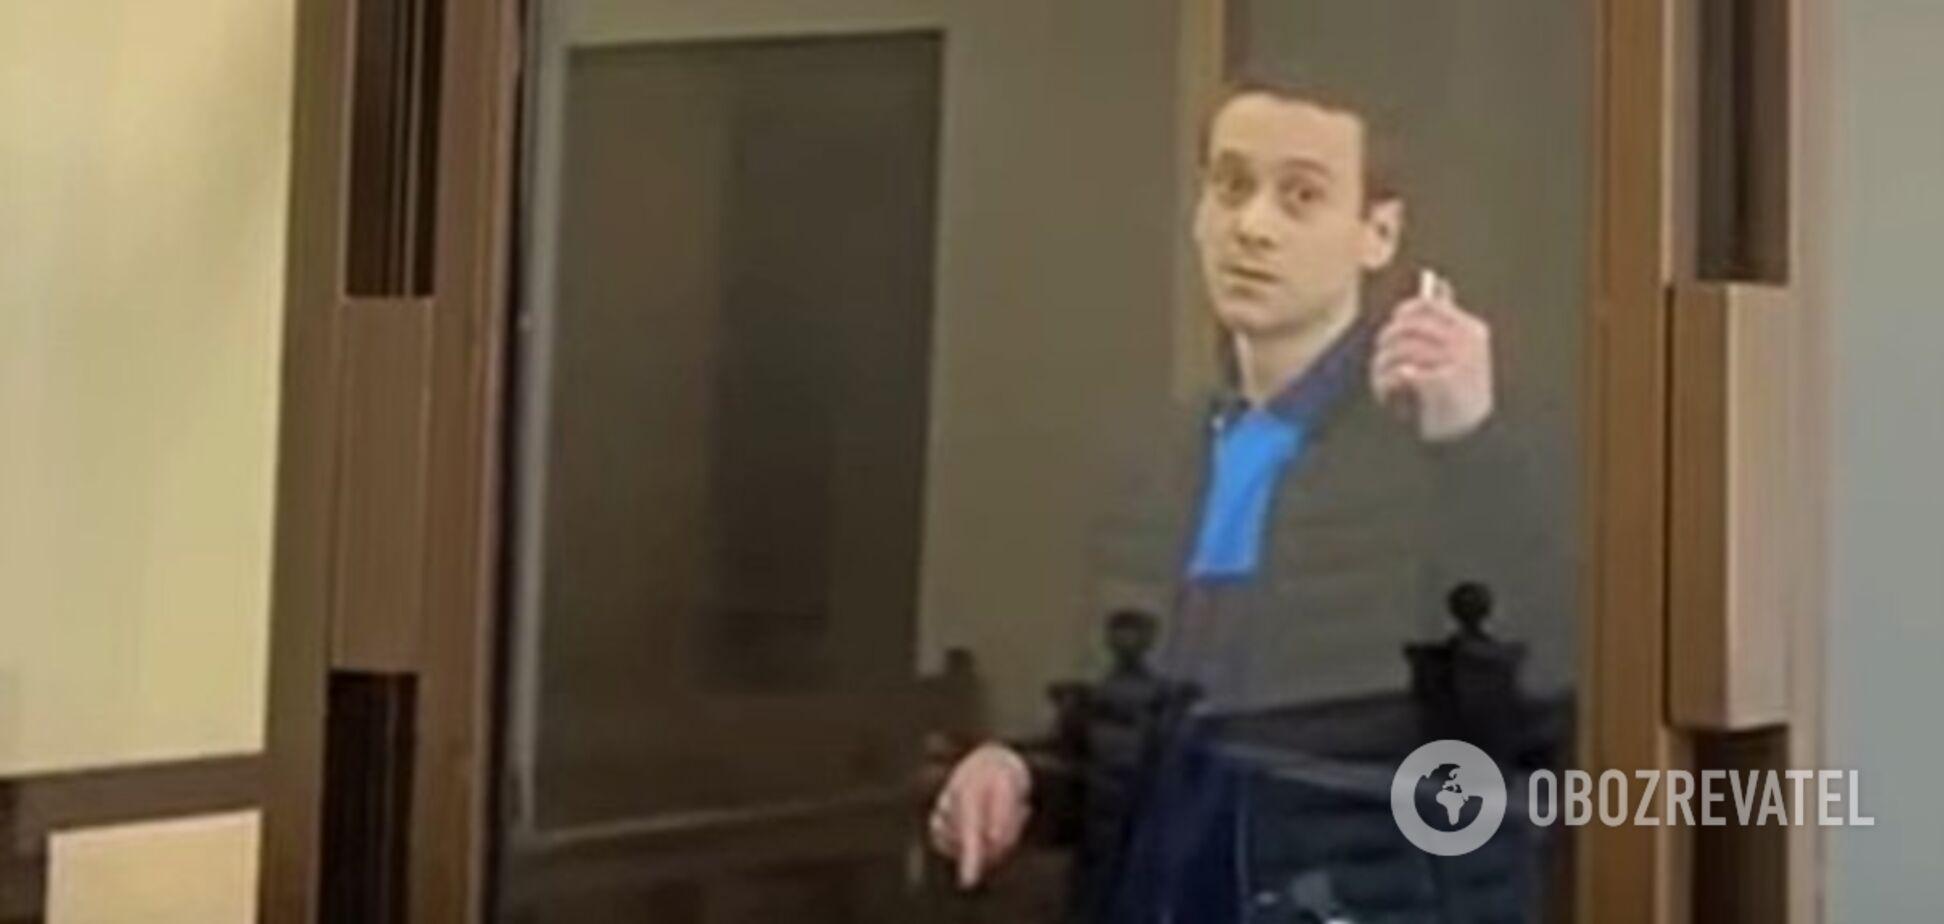 В одеському суді підозрюваний погрожував підірвати всіх гранатою